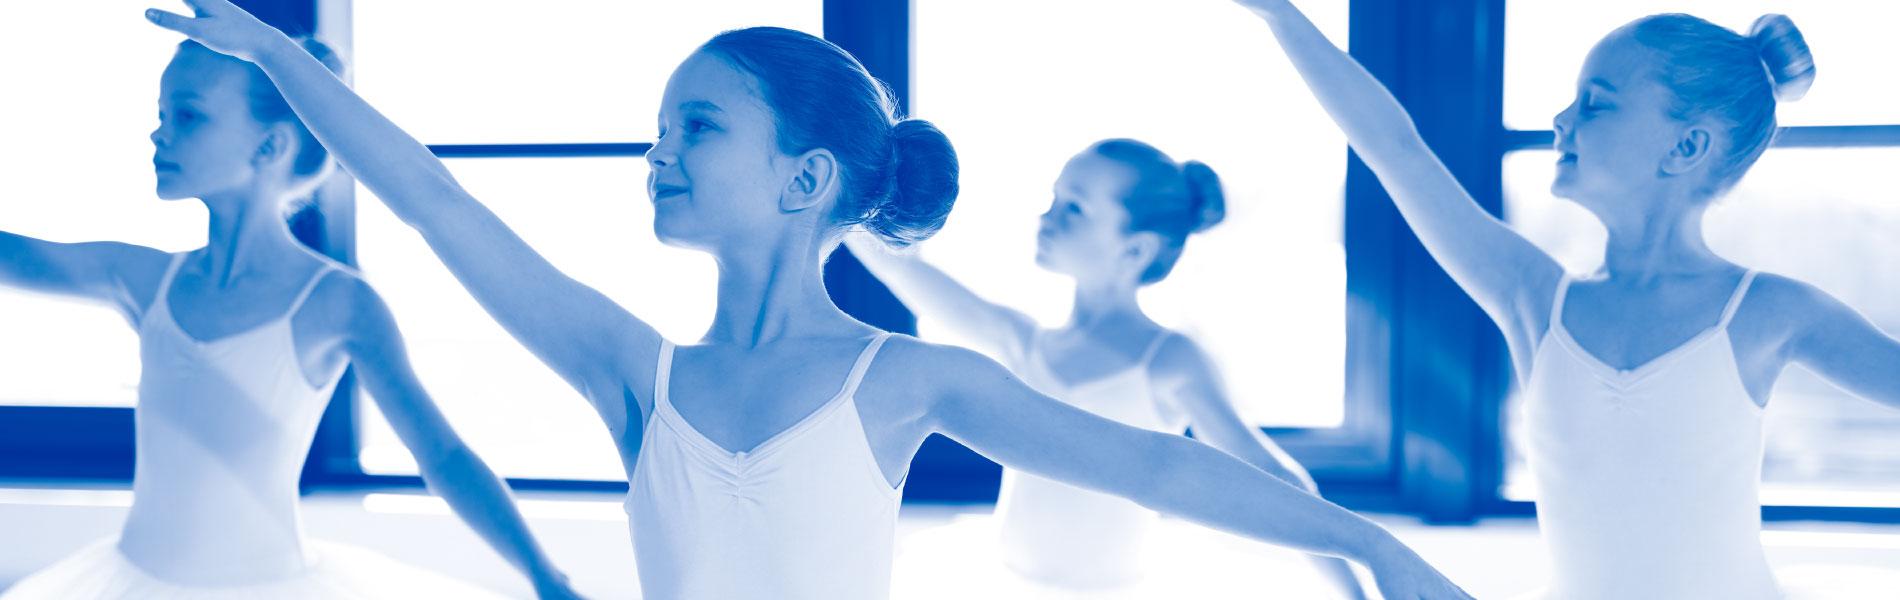 Growing_DanceStudio_1900x600.jpg